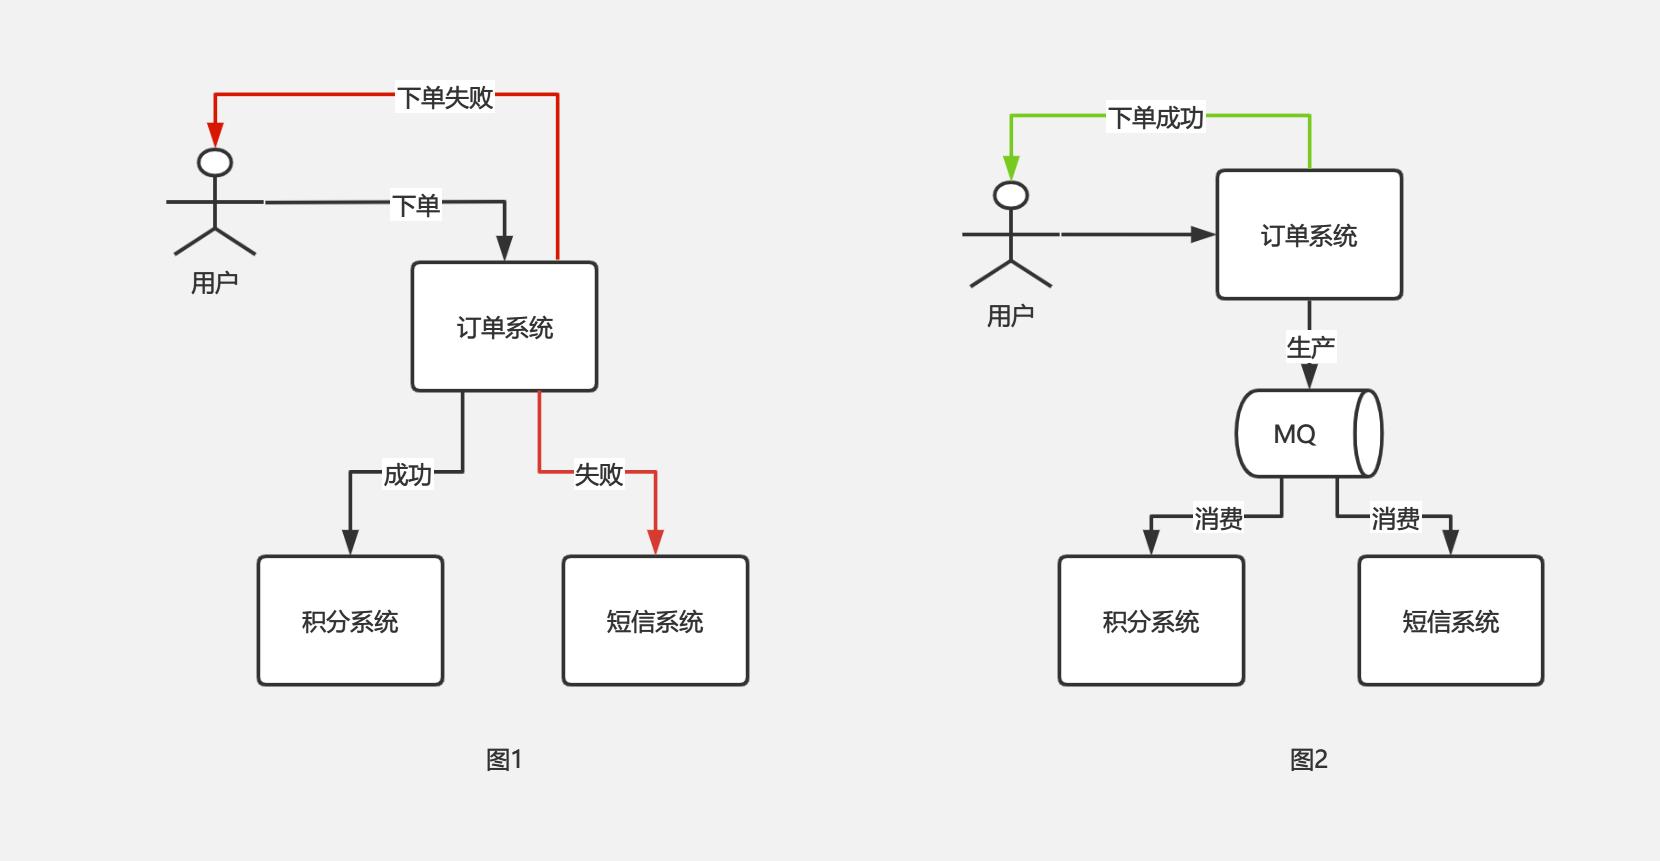 meyaoshiyongxiaoxiduilie_1.png